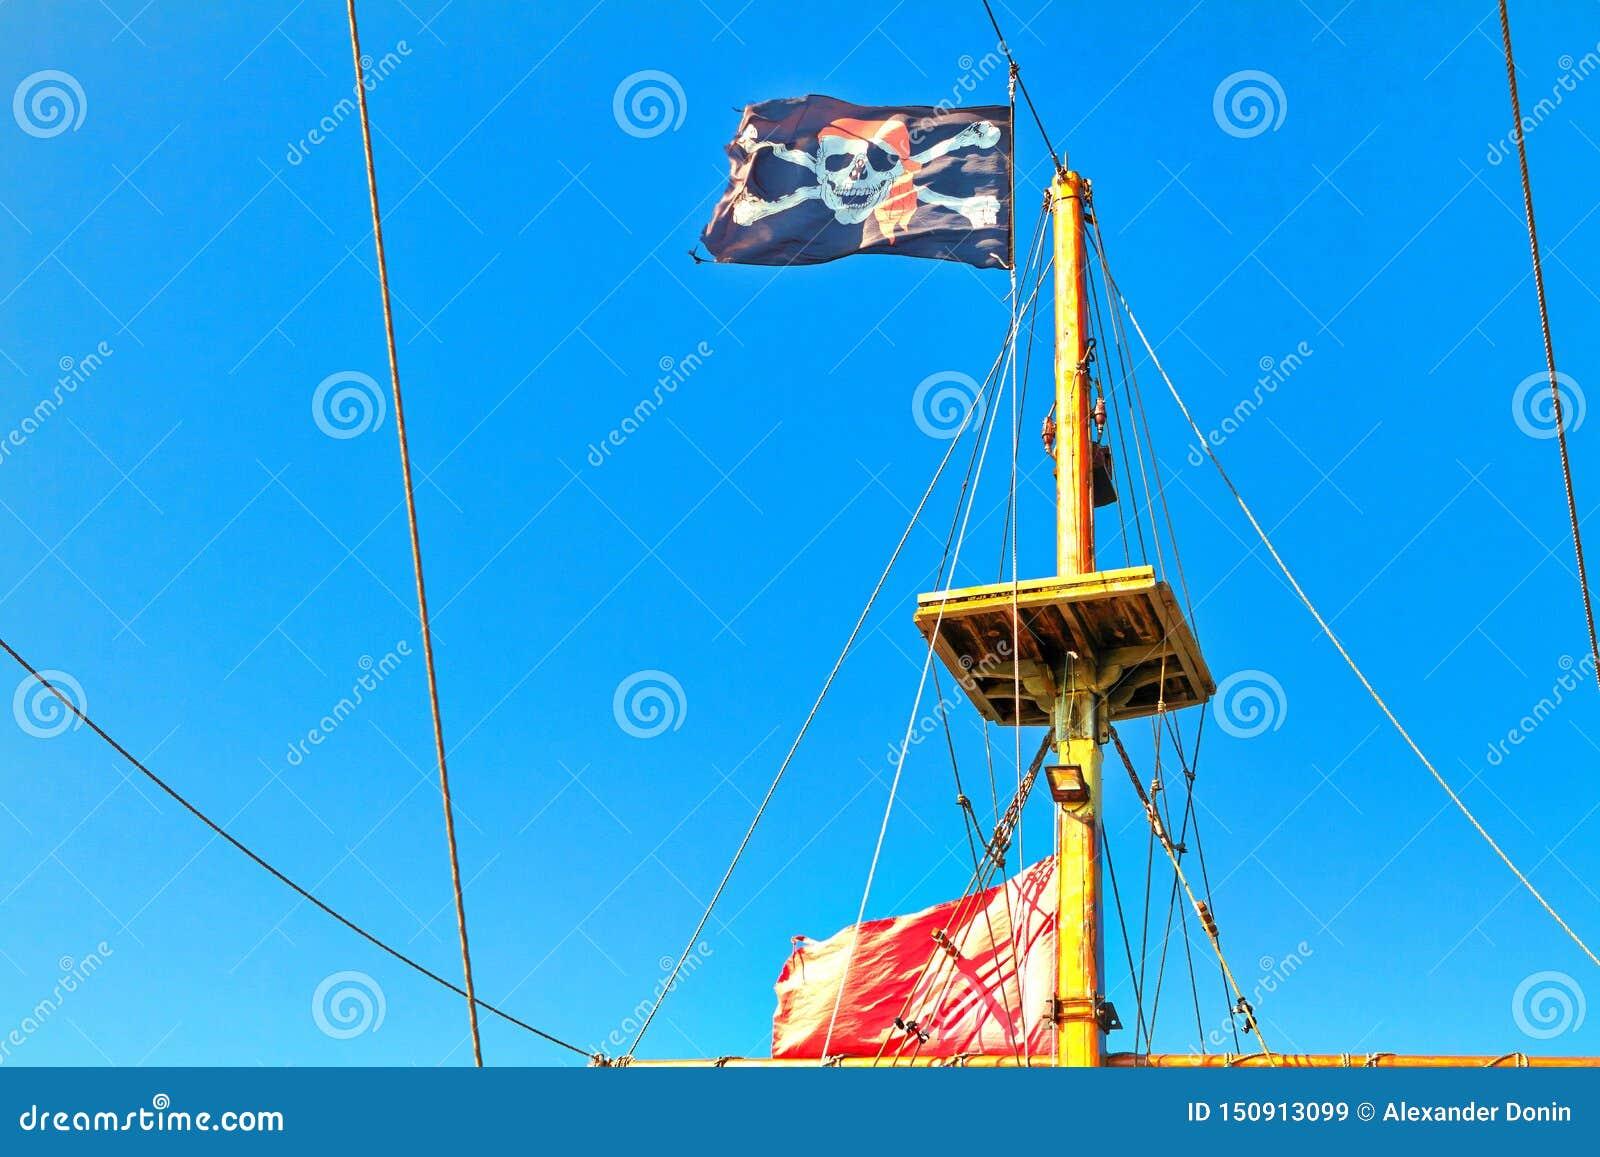 Piratkopiera flaggan som hissas mot blå himmel